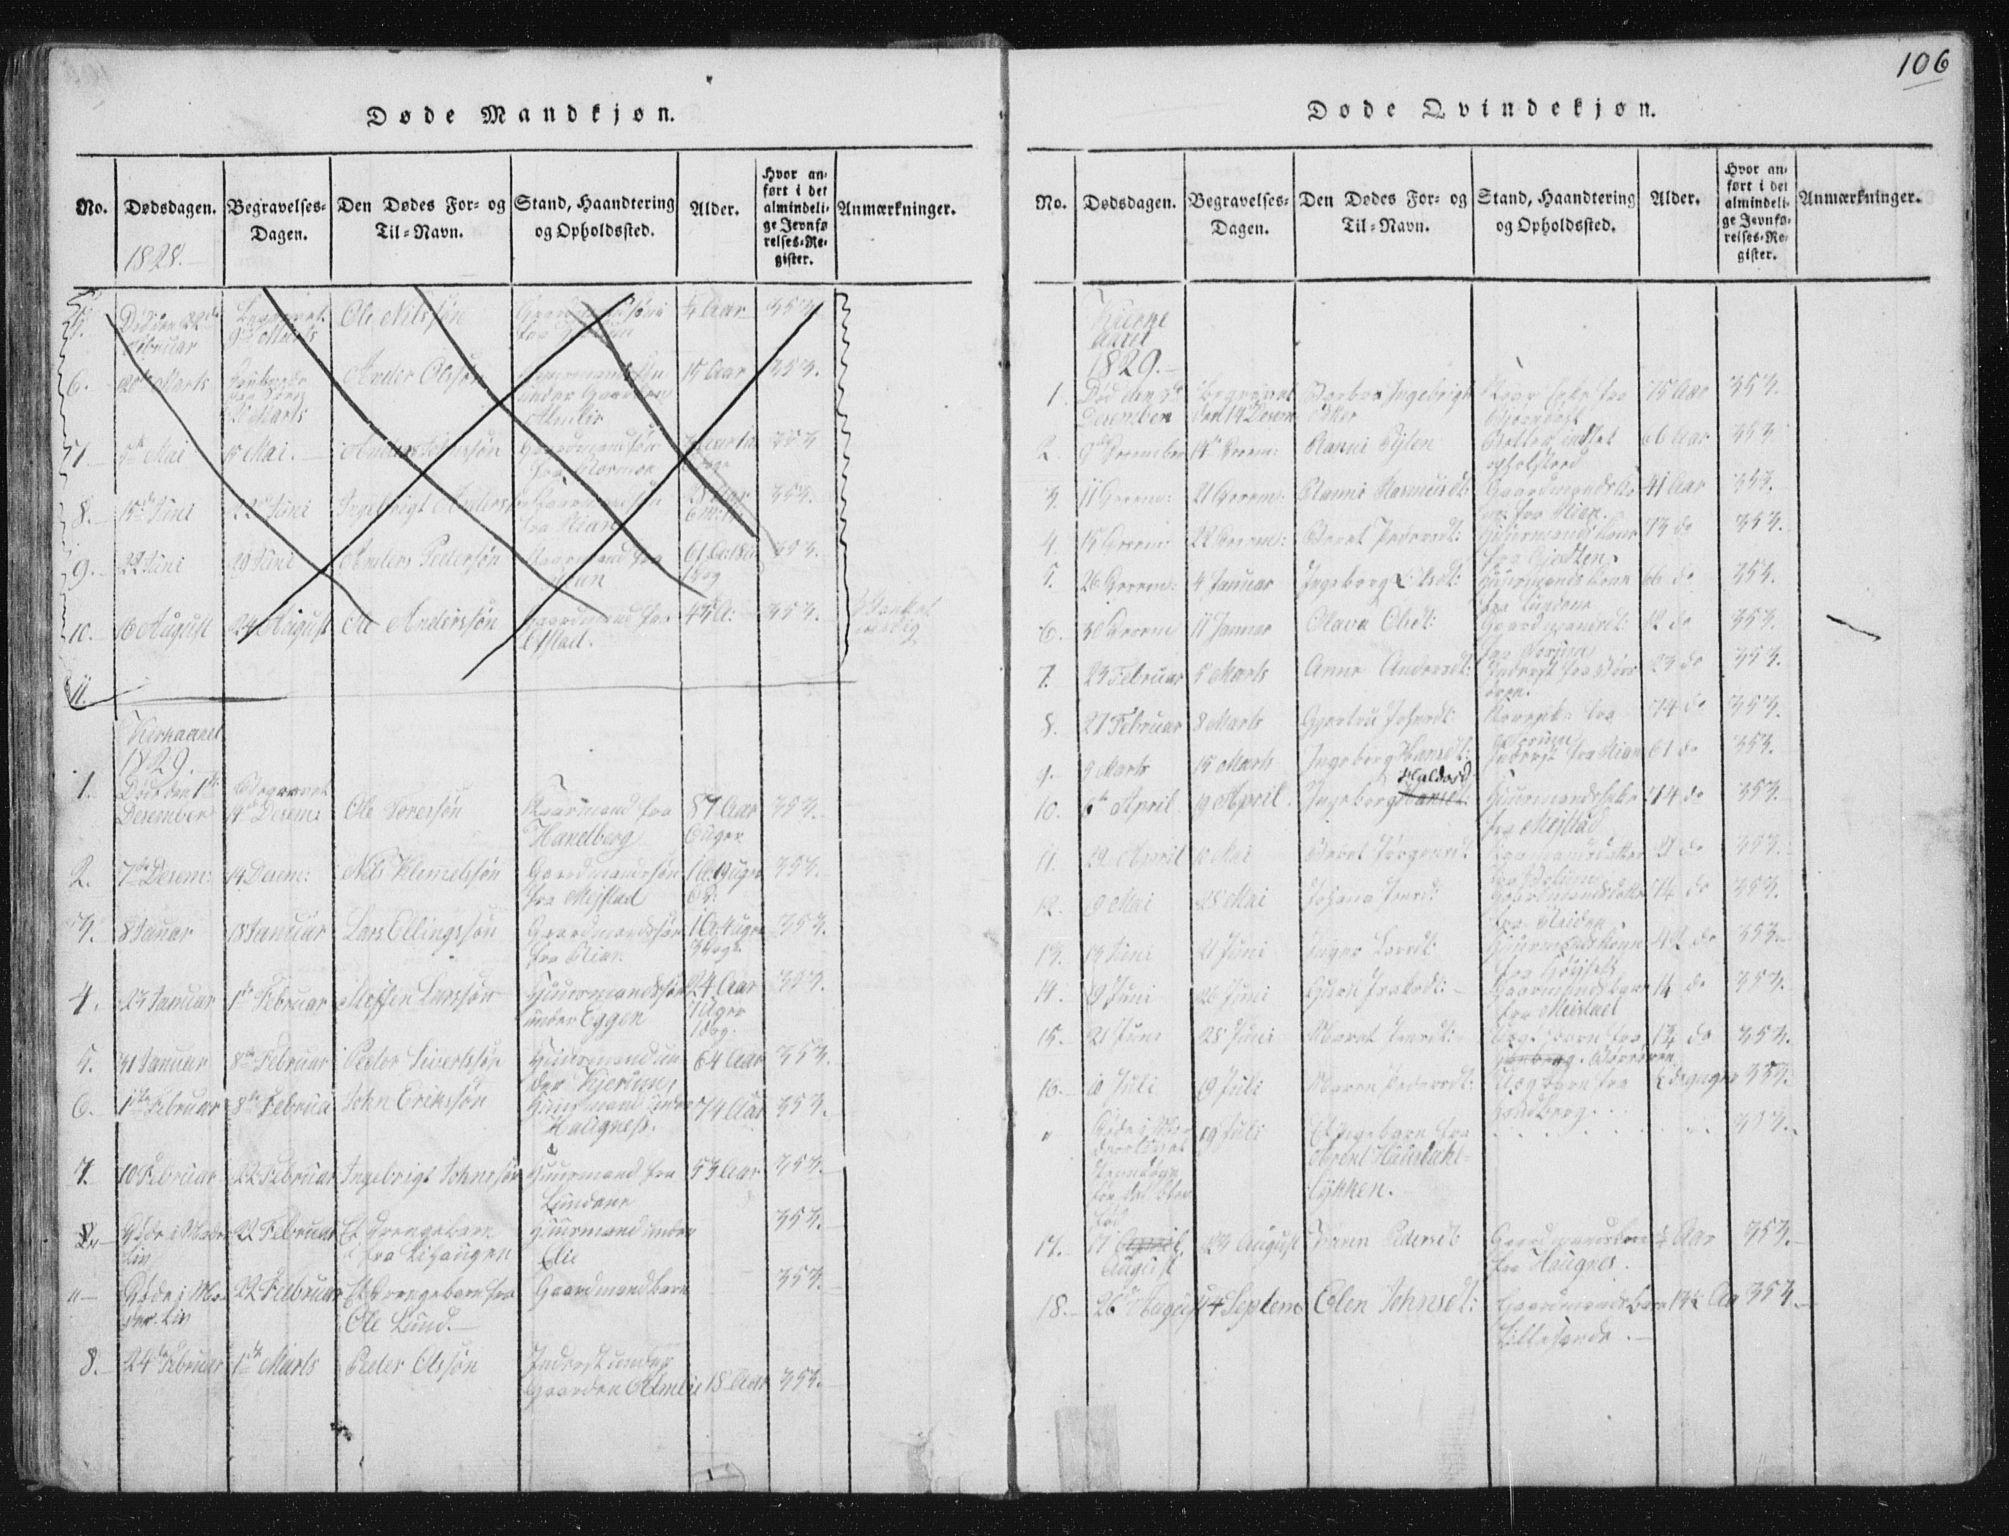 SAT, Ministerialprotokoller, klokkerbøker og fødselsregistre - Sør-Trøndelag, 665/L0770: Ministerialbok nr. 665A05, 1817-1829, s. 106